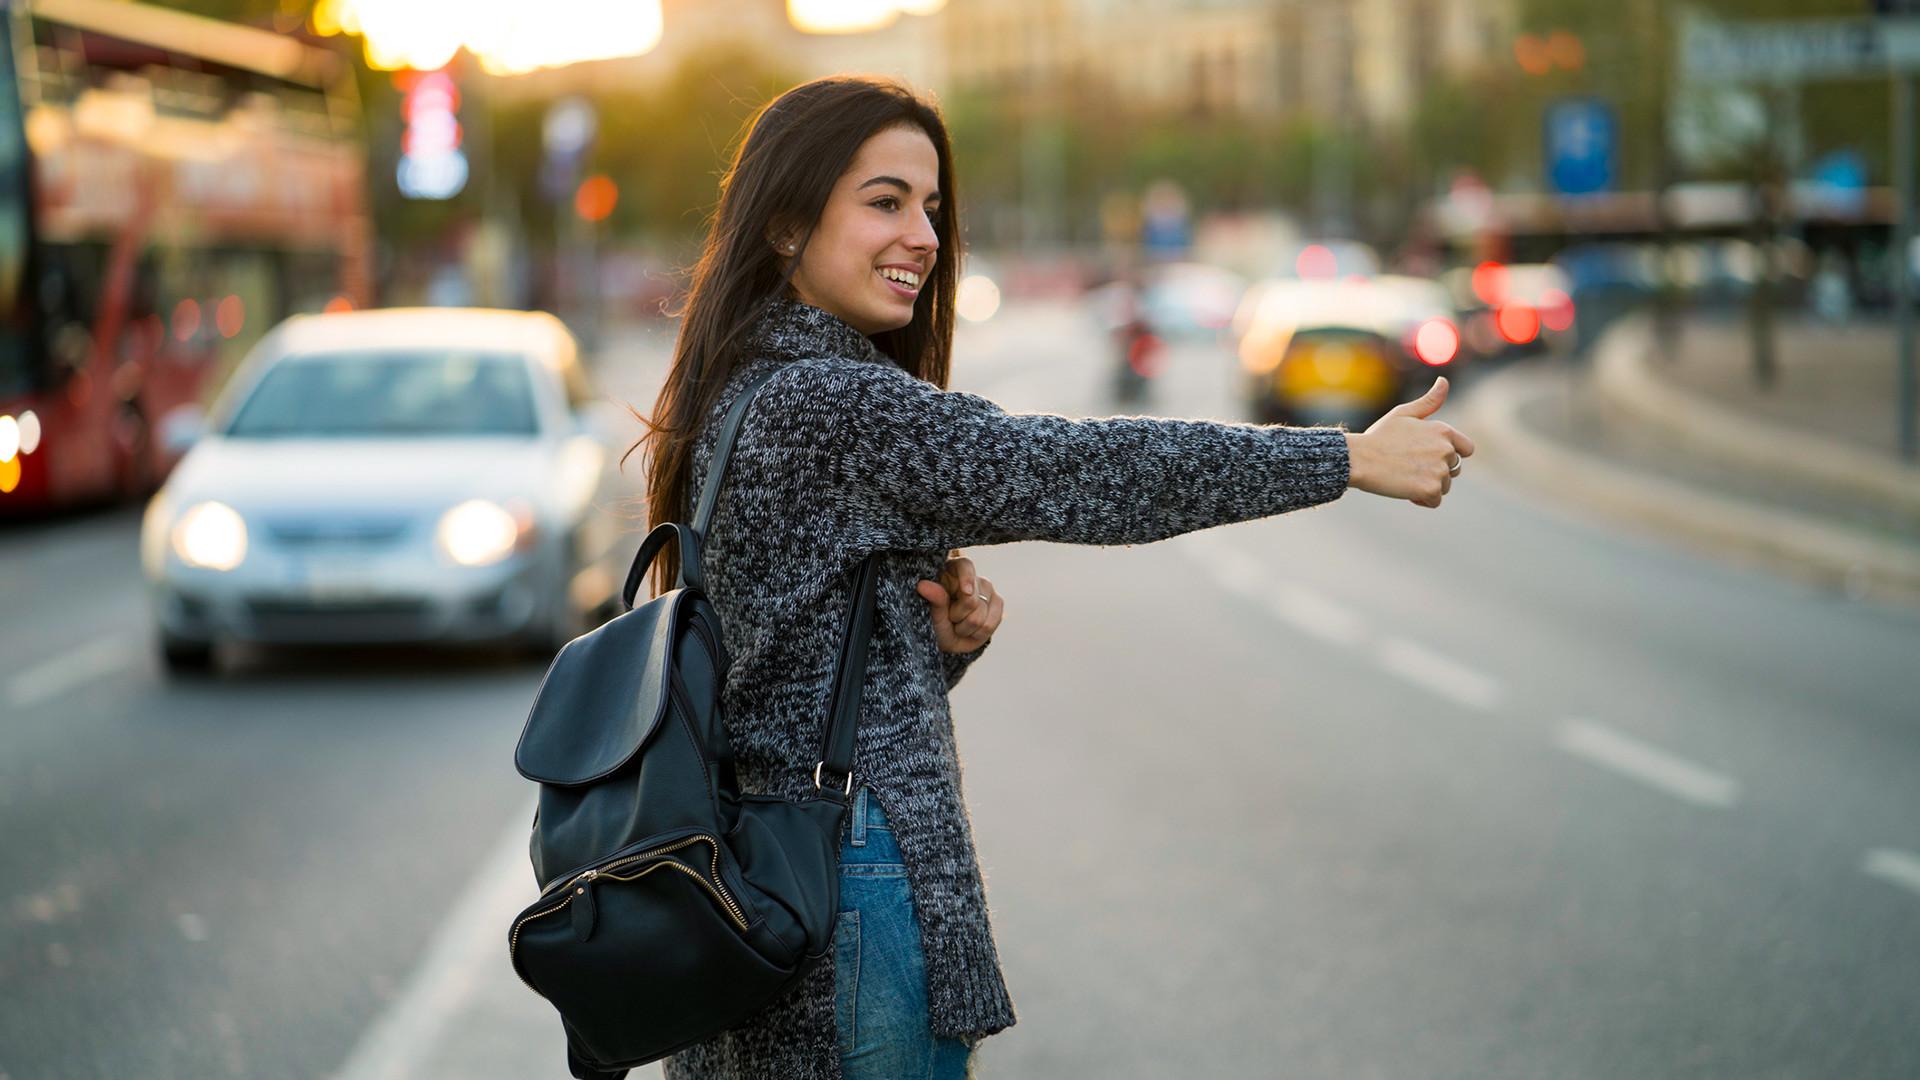 夜間の旅に不安なのなら、タクシーのアプリをダウンロードしておくことをお勧め。